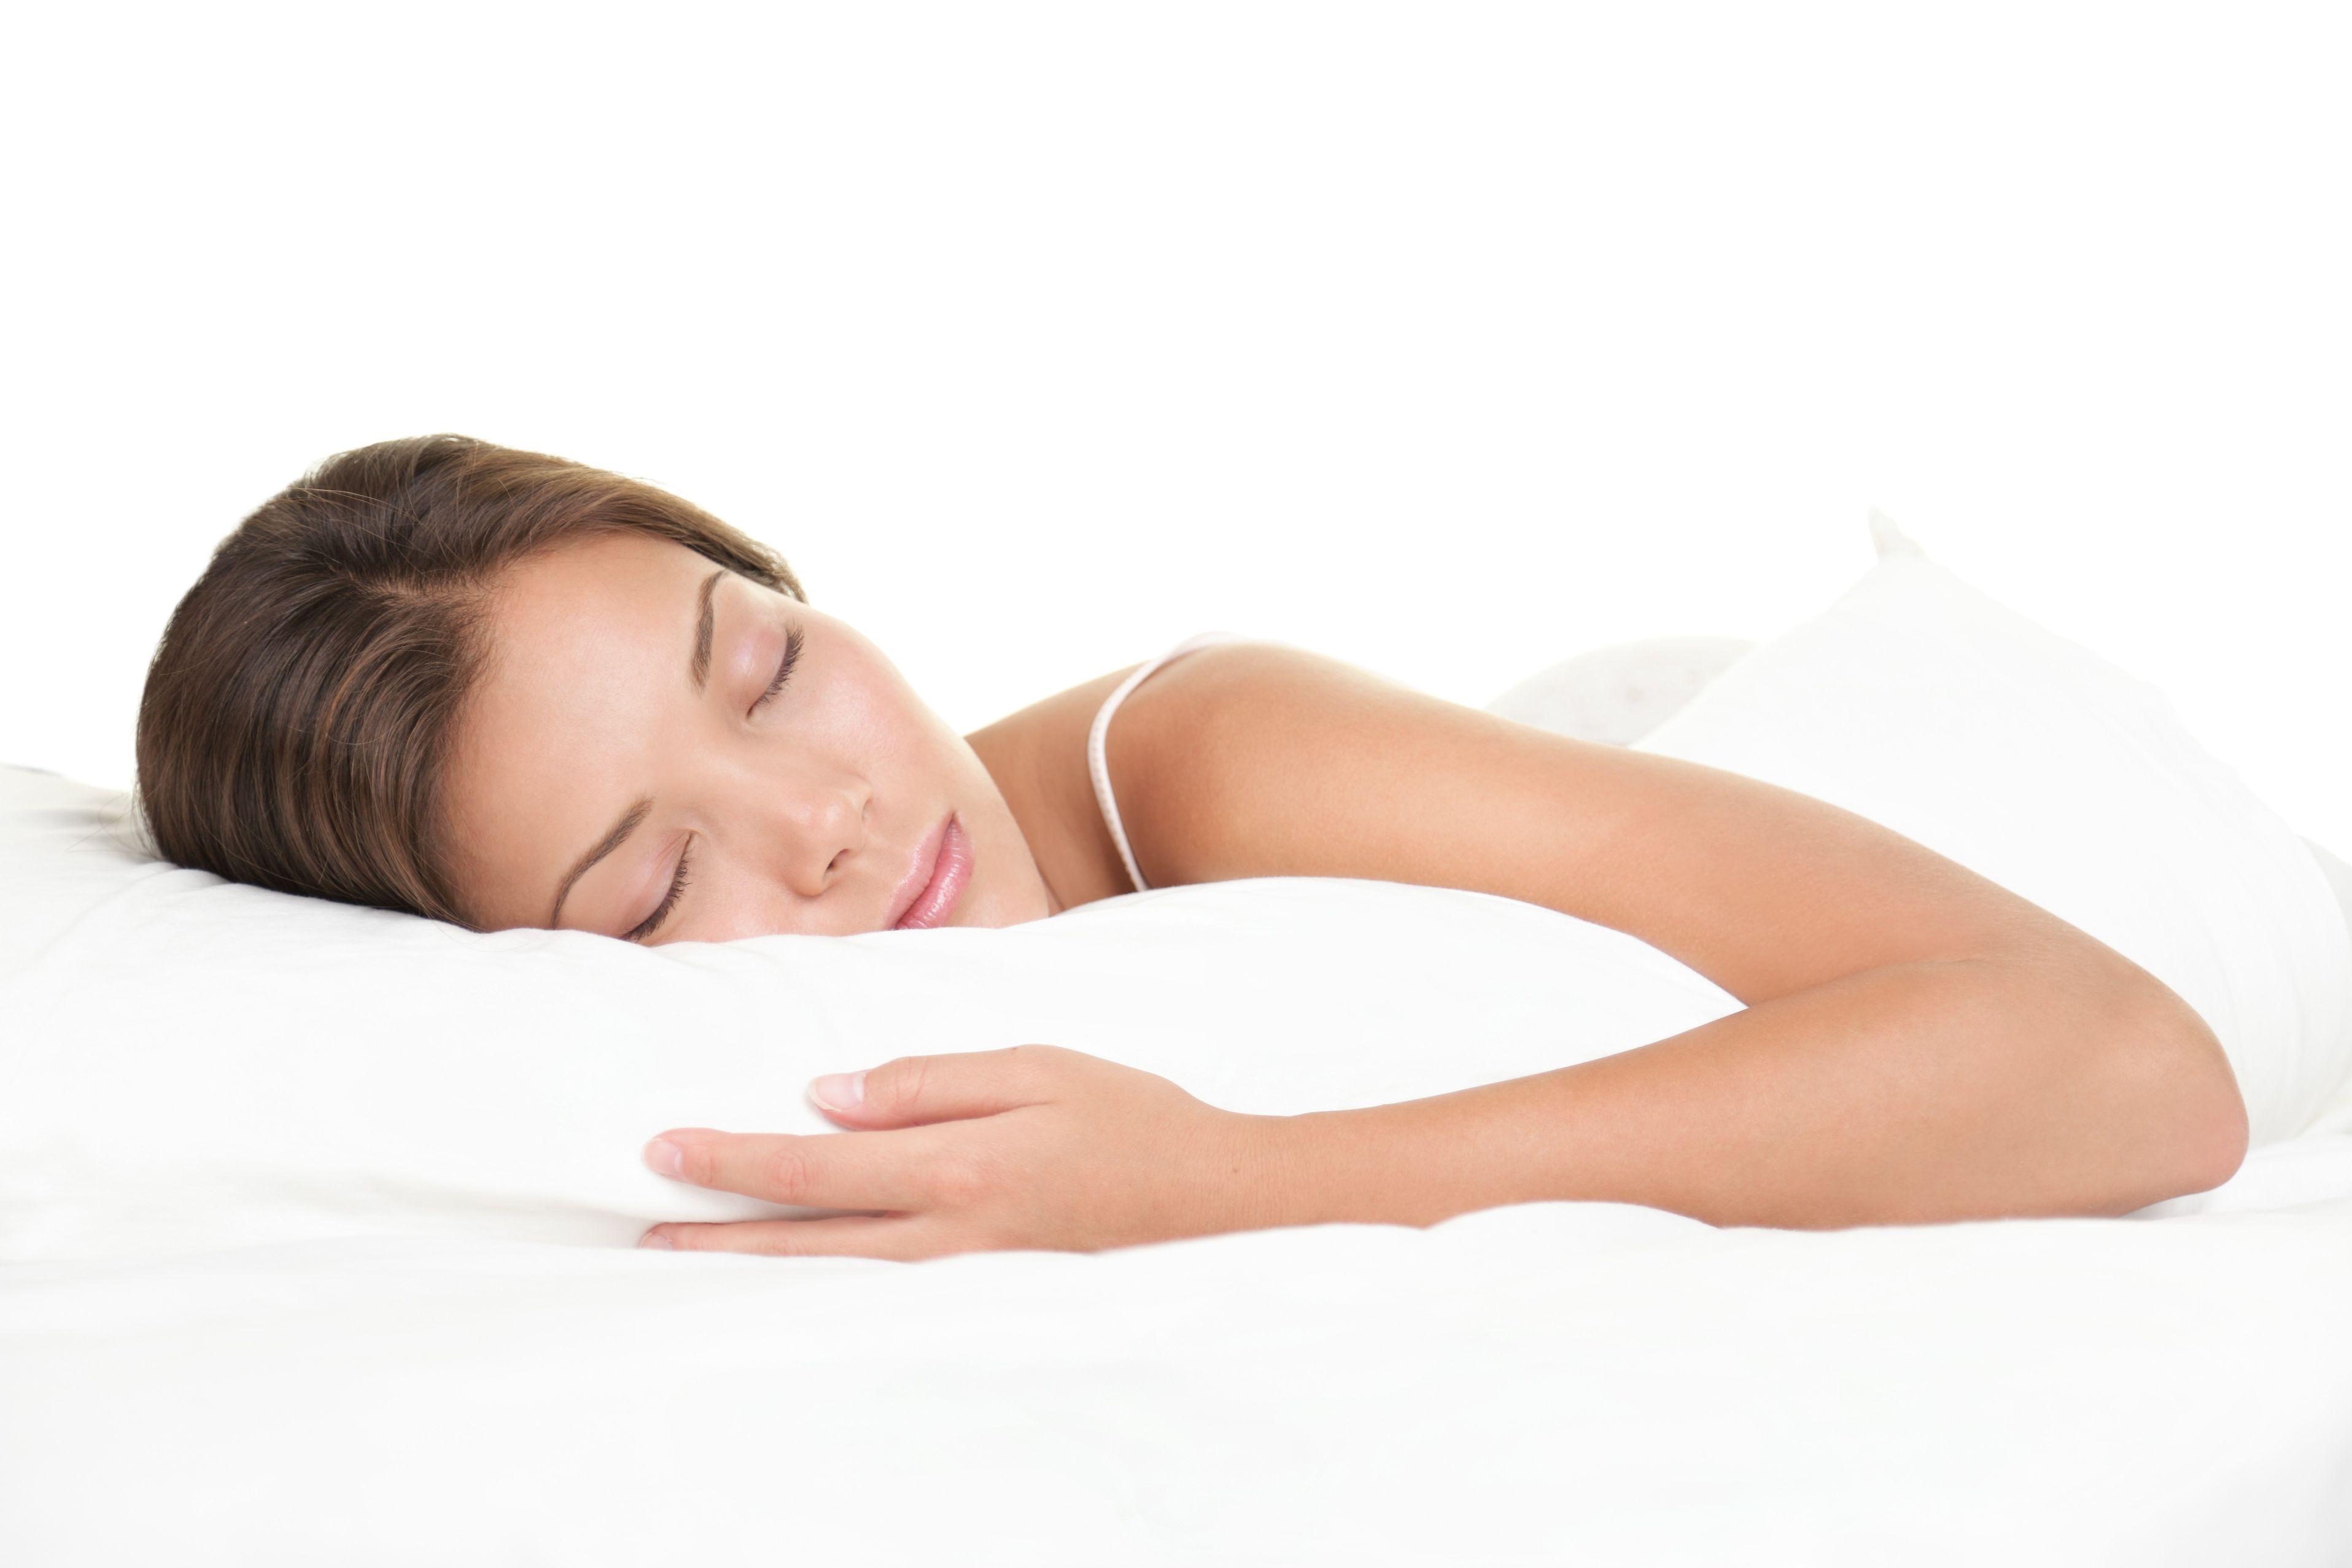 Las mujeres necesitan dormir más que los hombres por esta razón